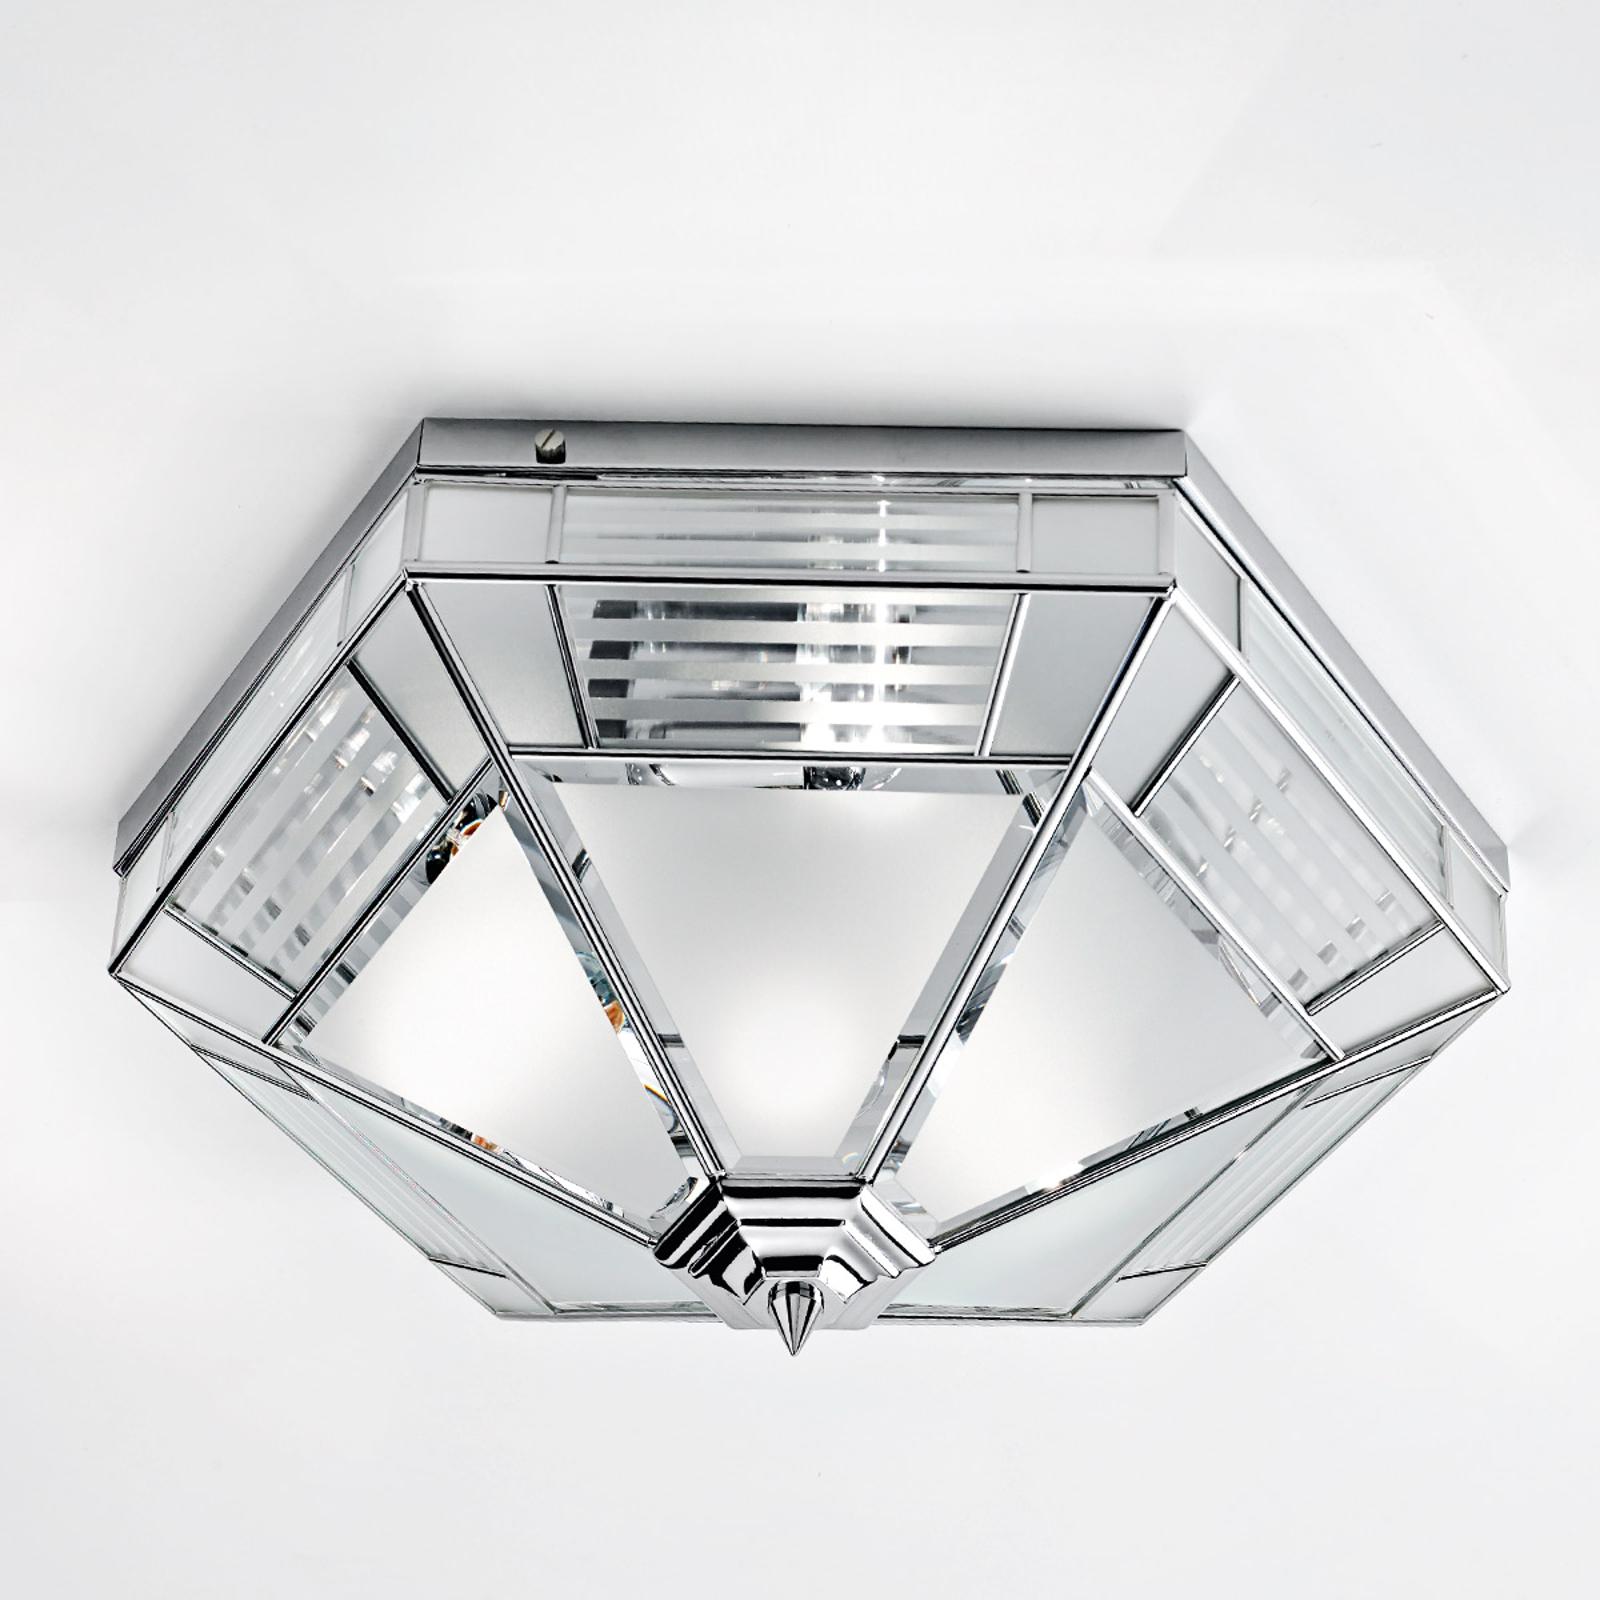 Giana šestihranné stropní světlo, chrom